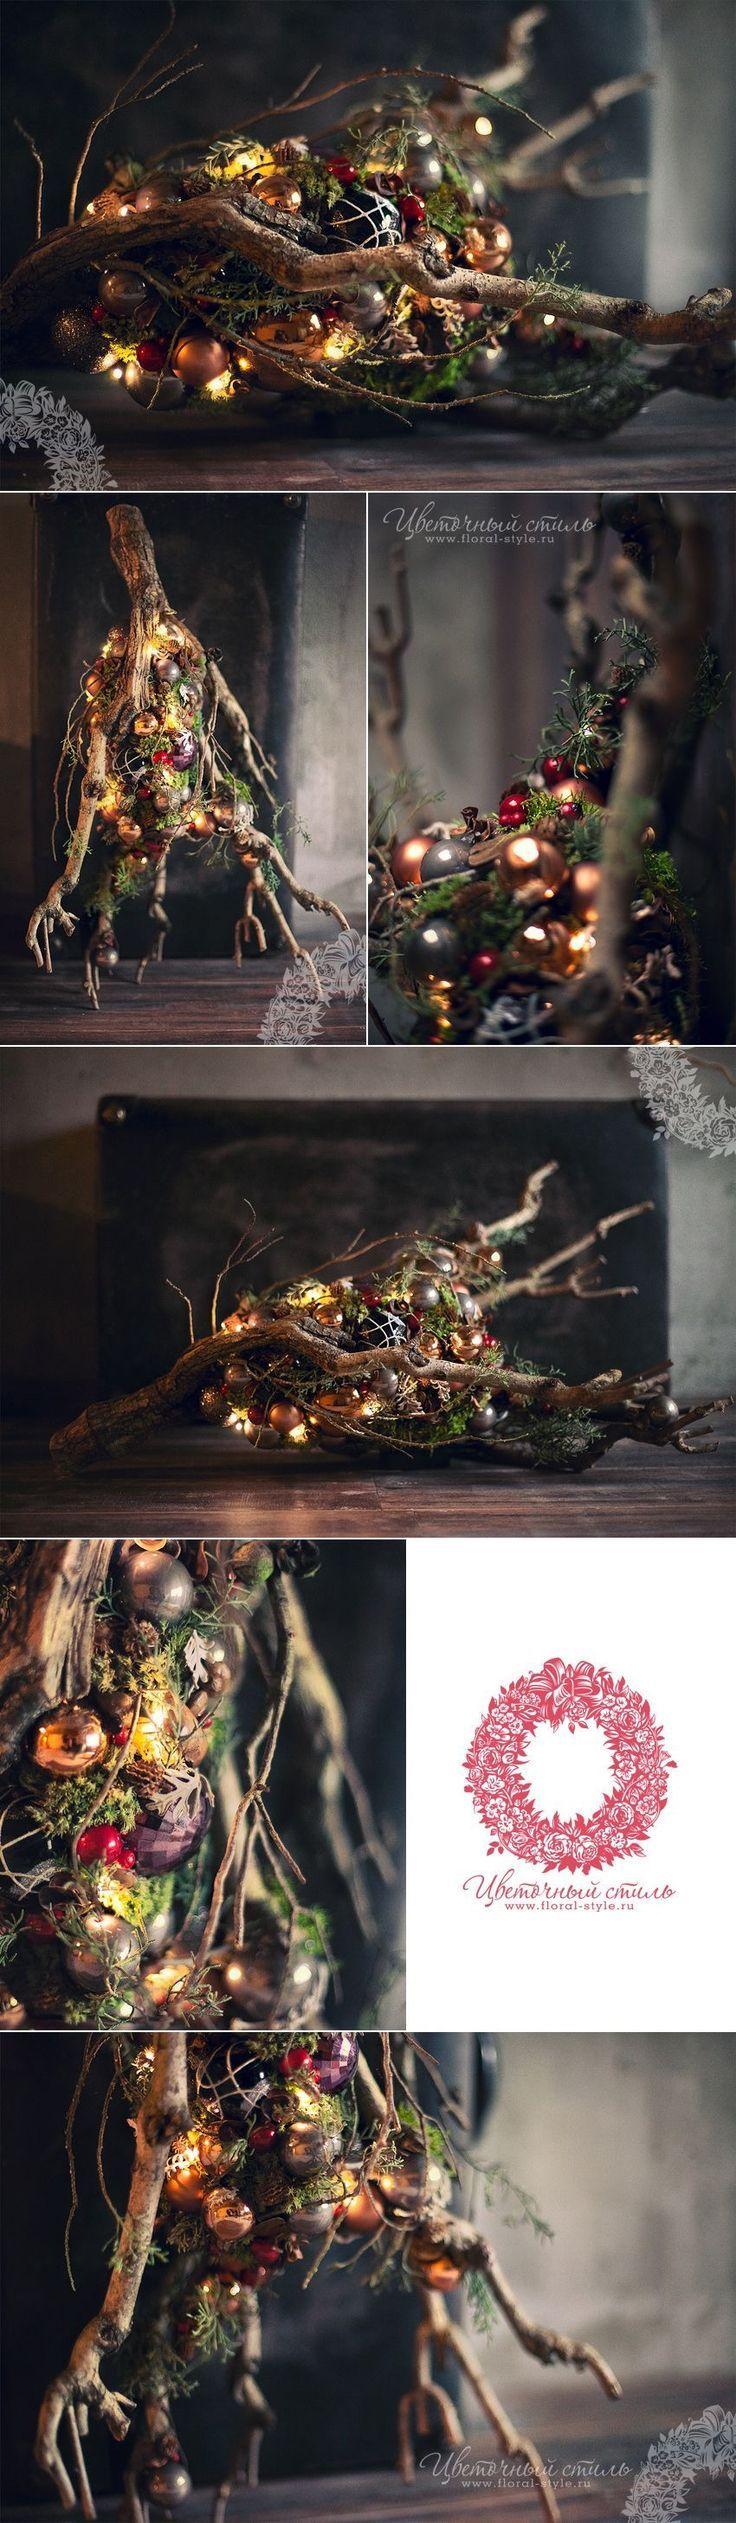 Wunderschoen, mache ich für Weihnachten, #rustikaleweihnachtentischdeko